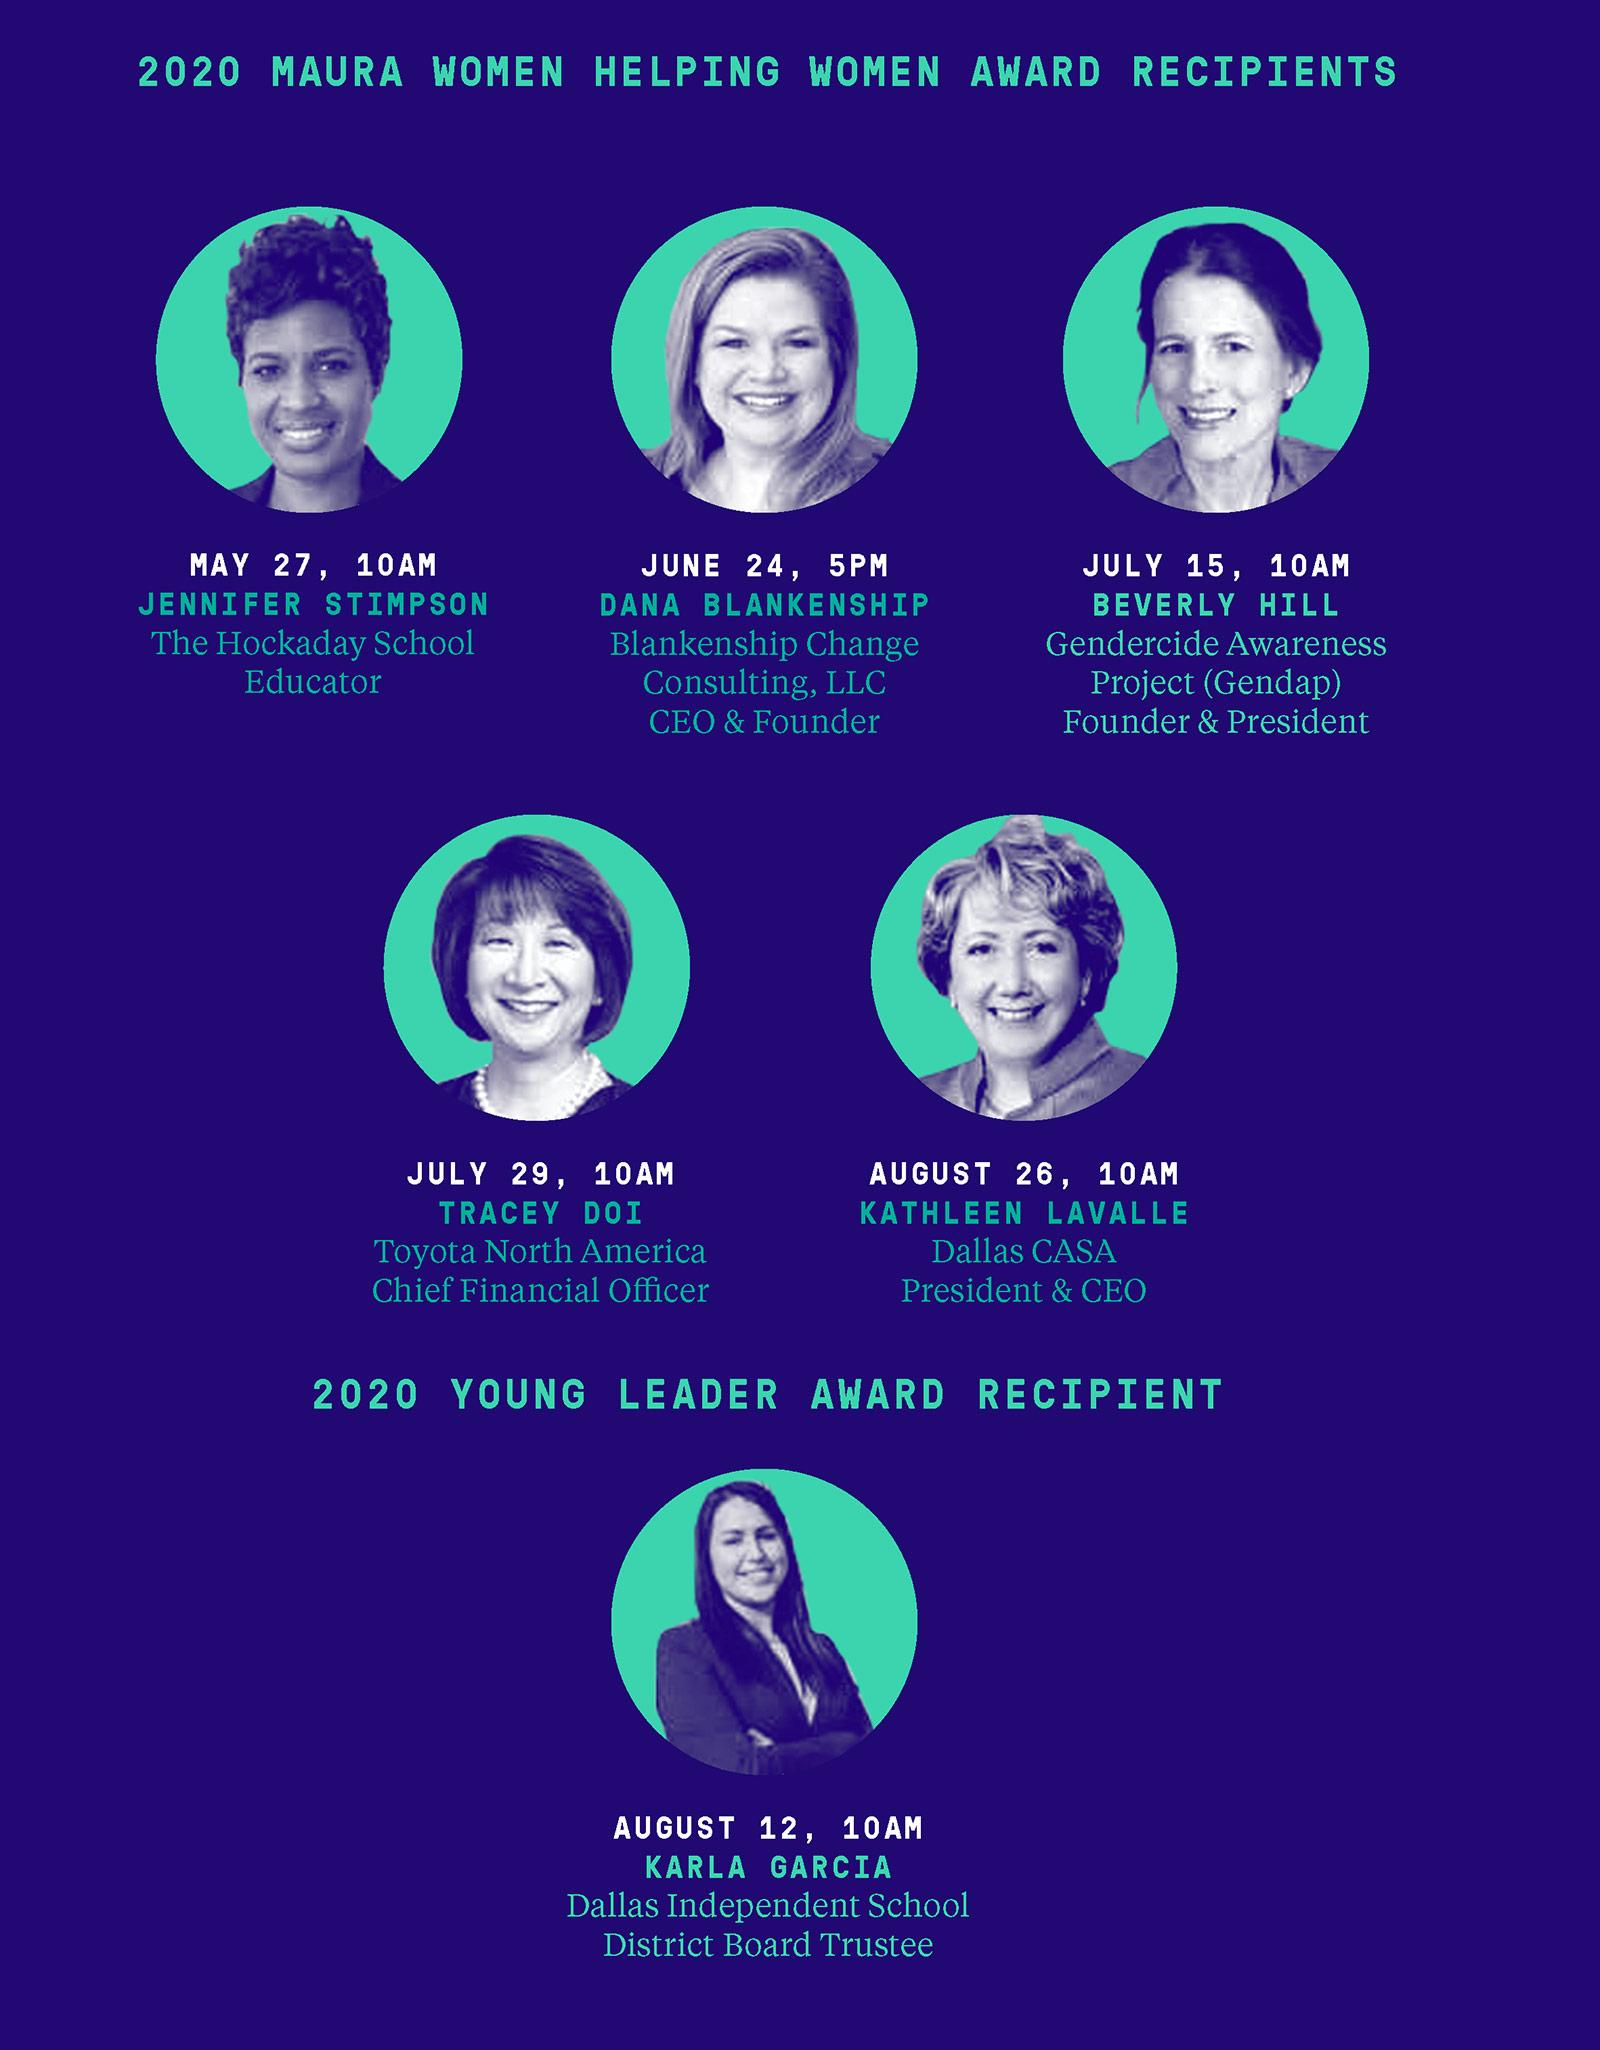 2020 Maura Women Helping Women Award Recipients